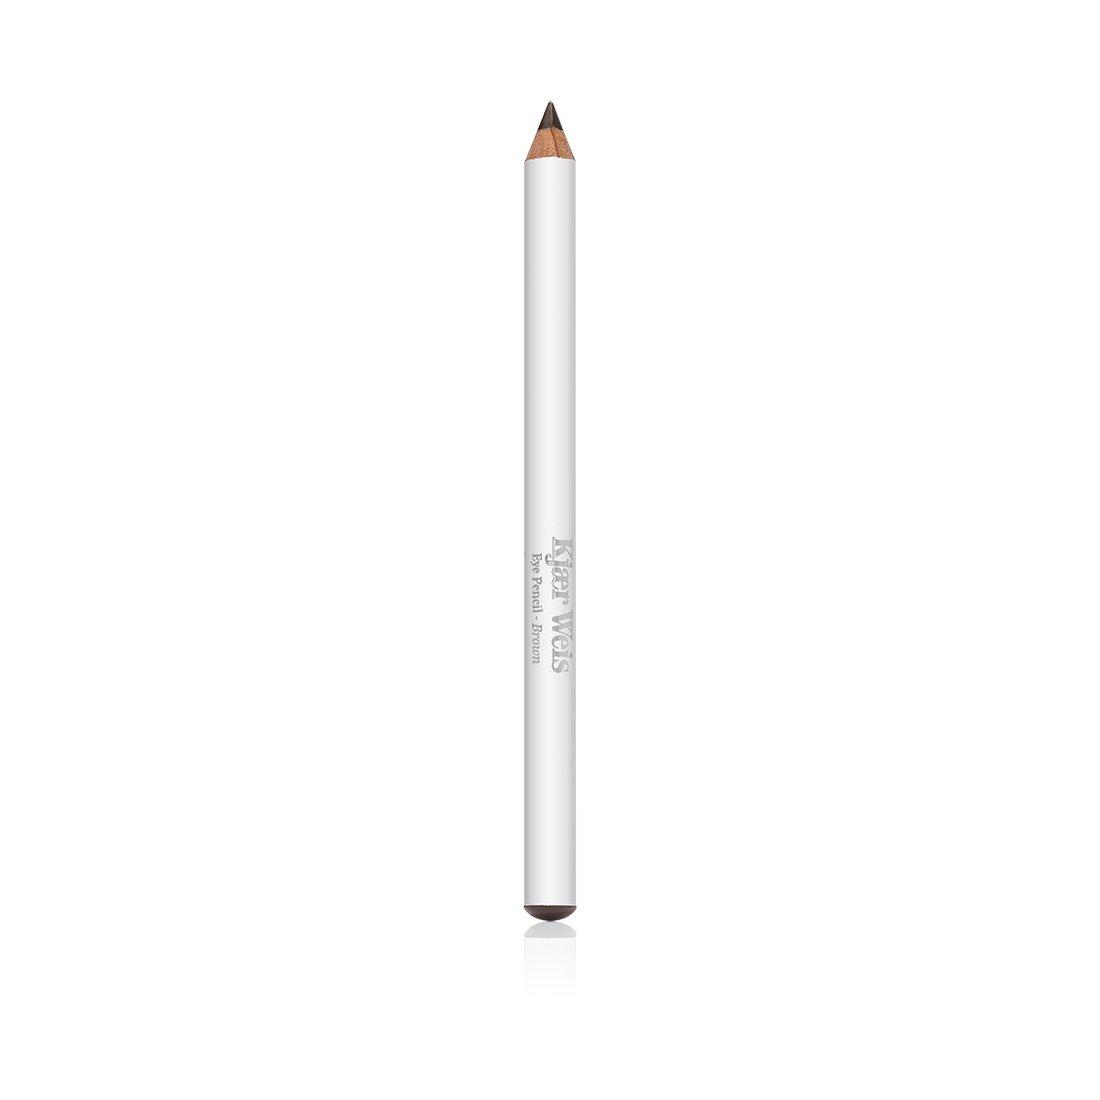 Kjaer Weis Eye Pencil - Brown